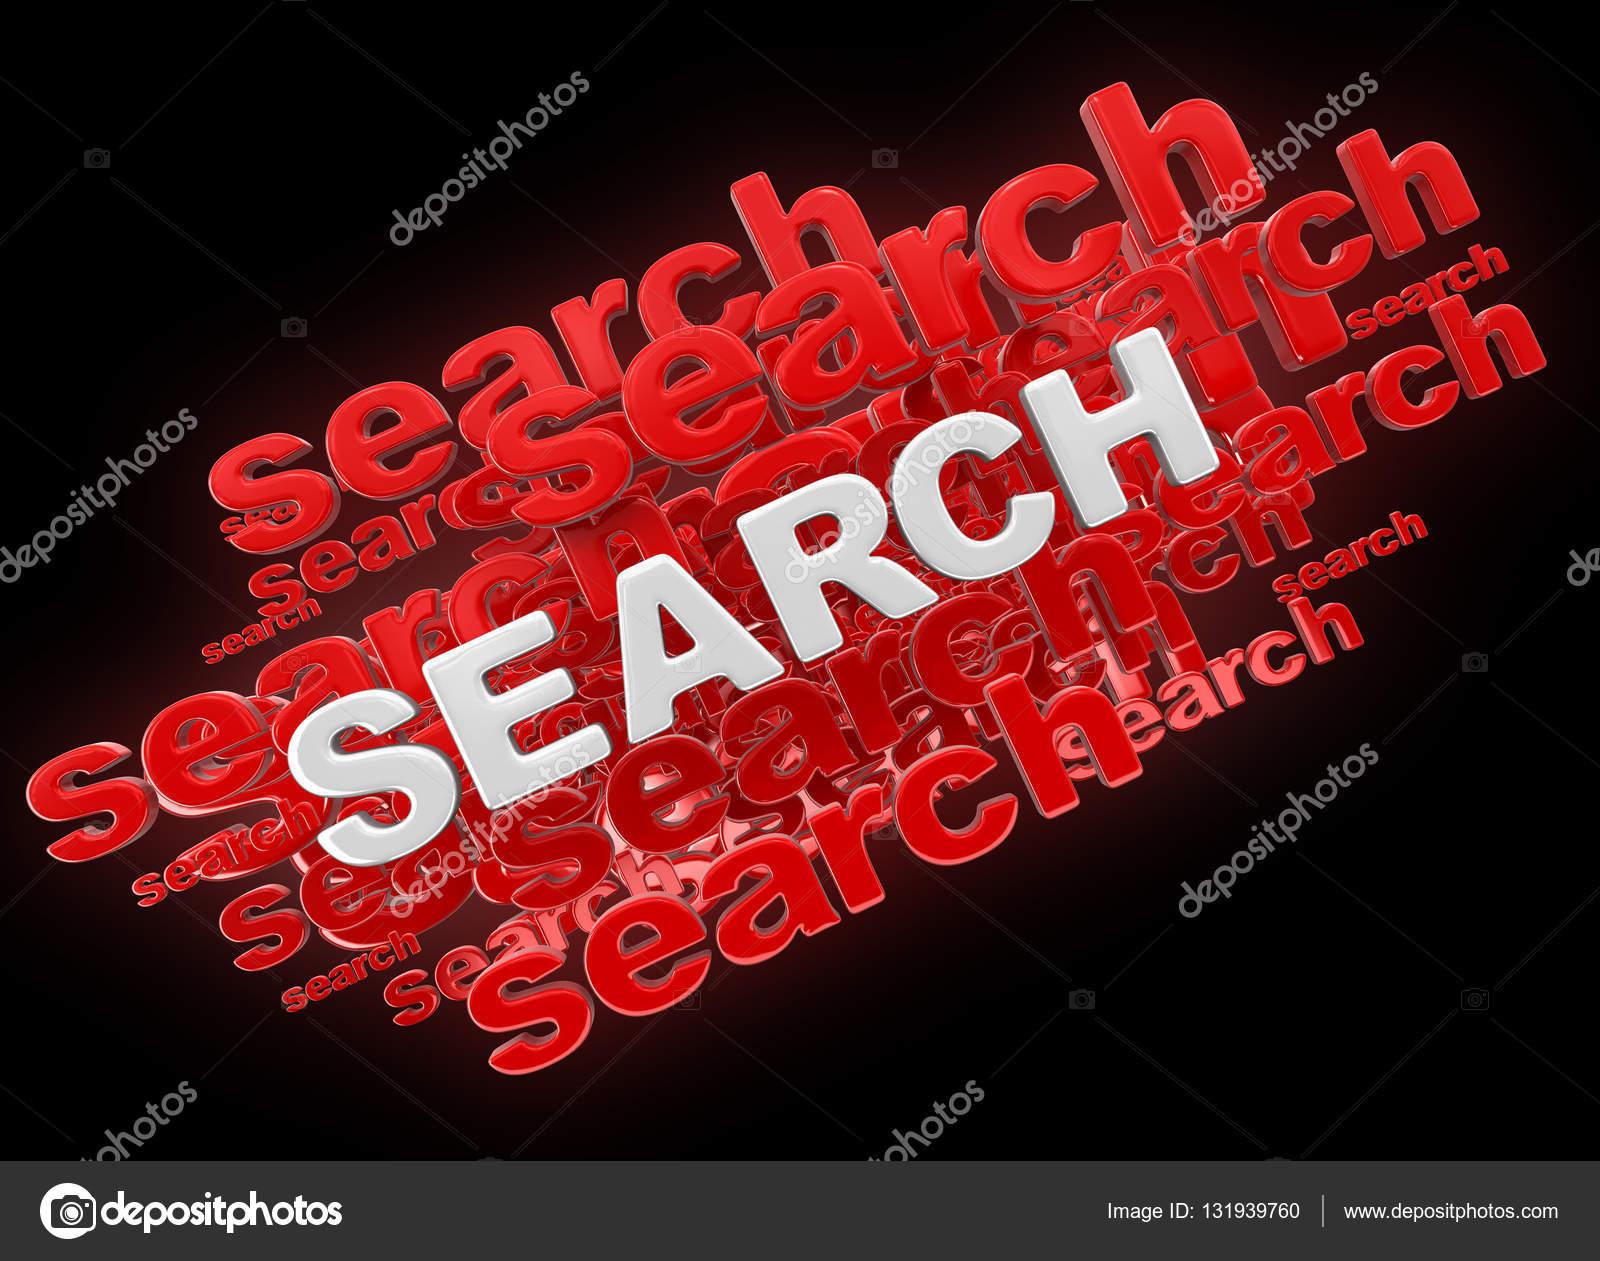 Scrabble® Wortsuche ✓ Nachschlagewerk & Scrabble® Wörterbuch ✓ Kreuzworträtsel Lösungen.